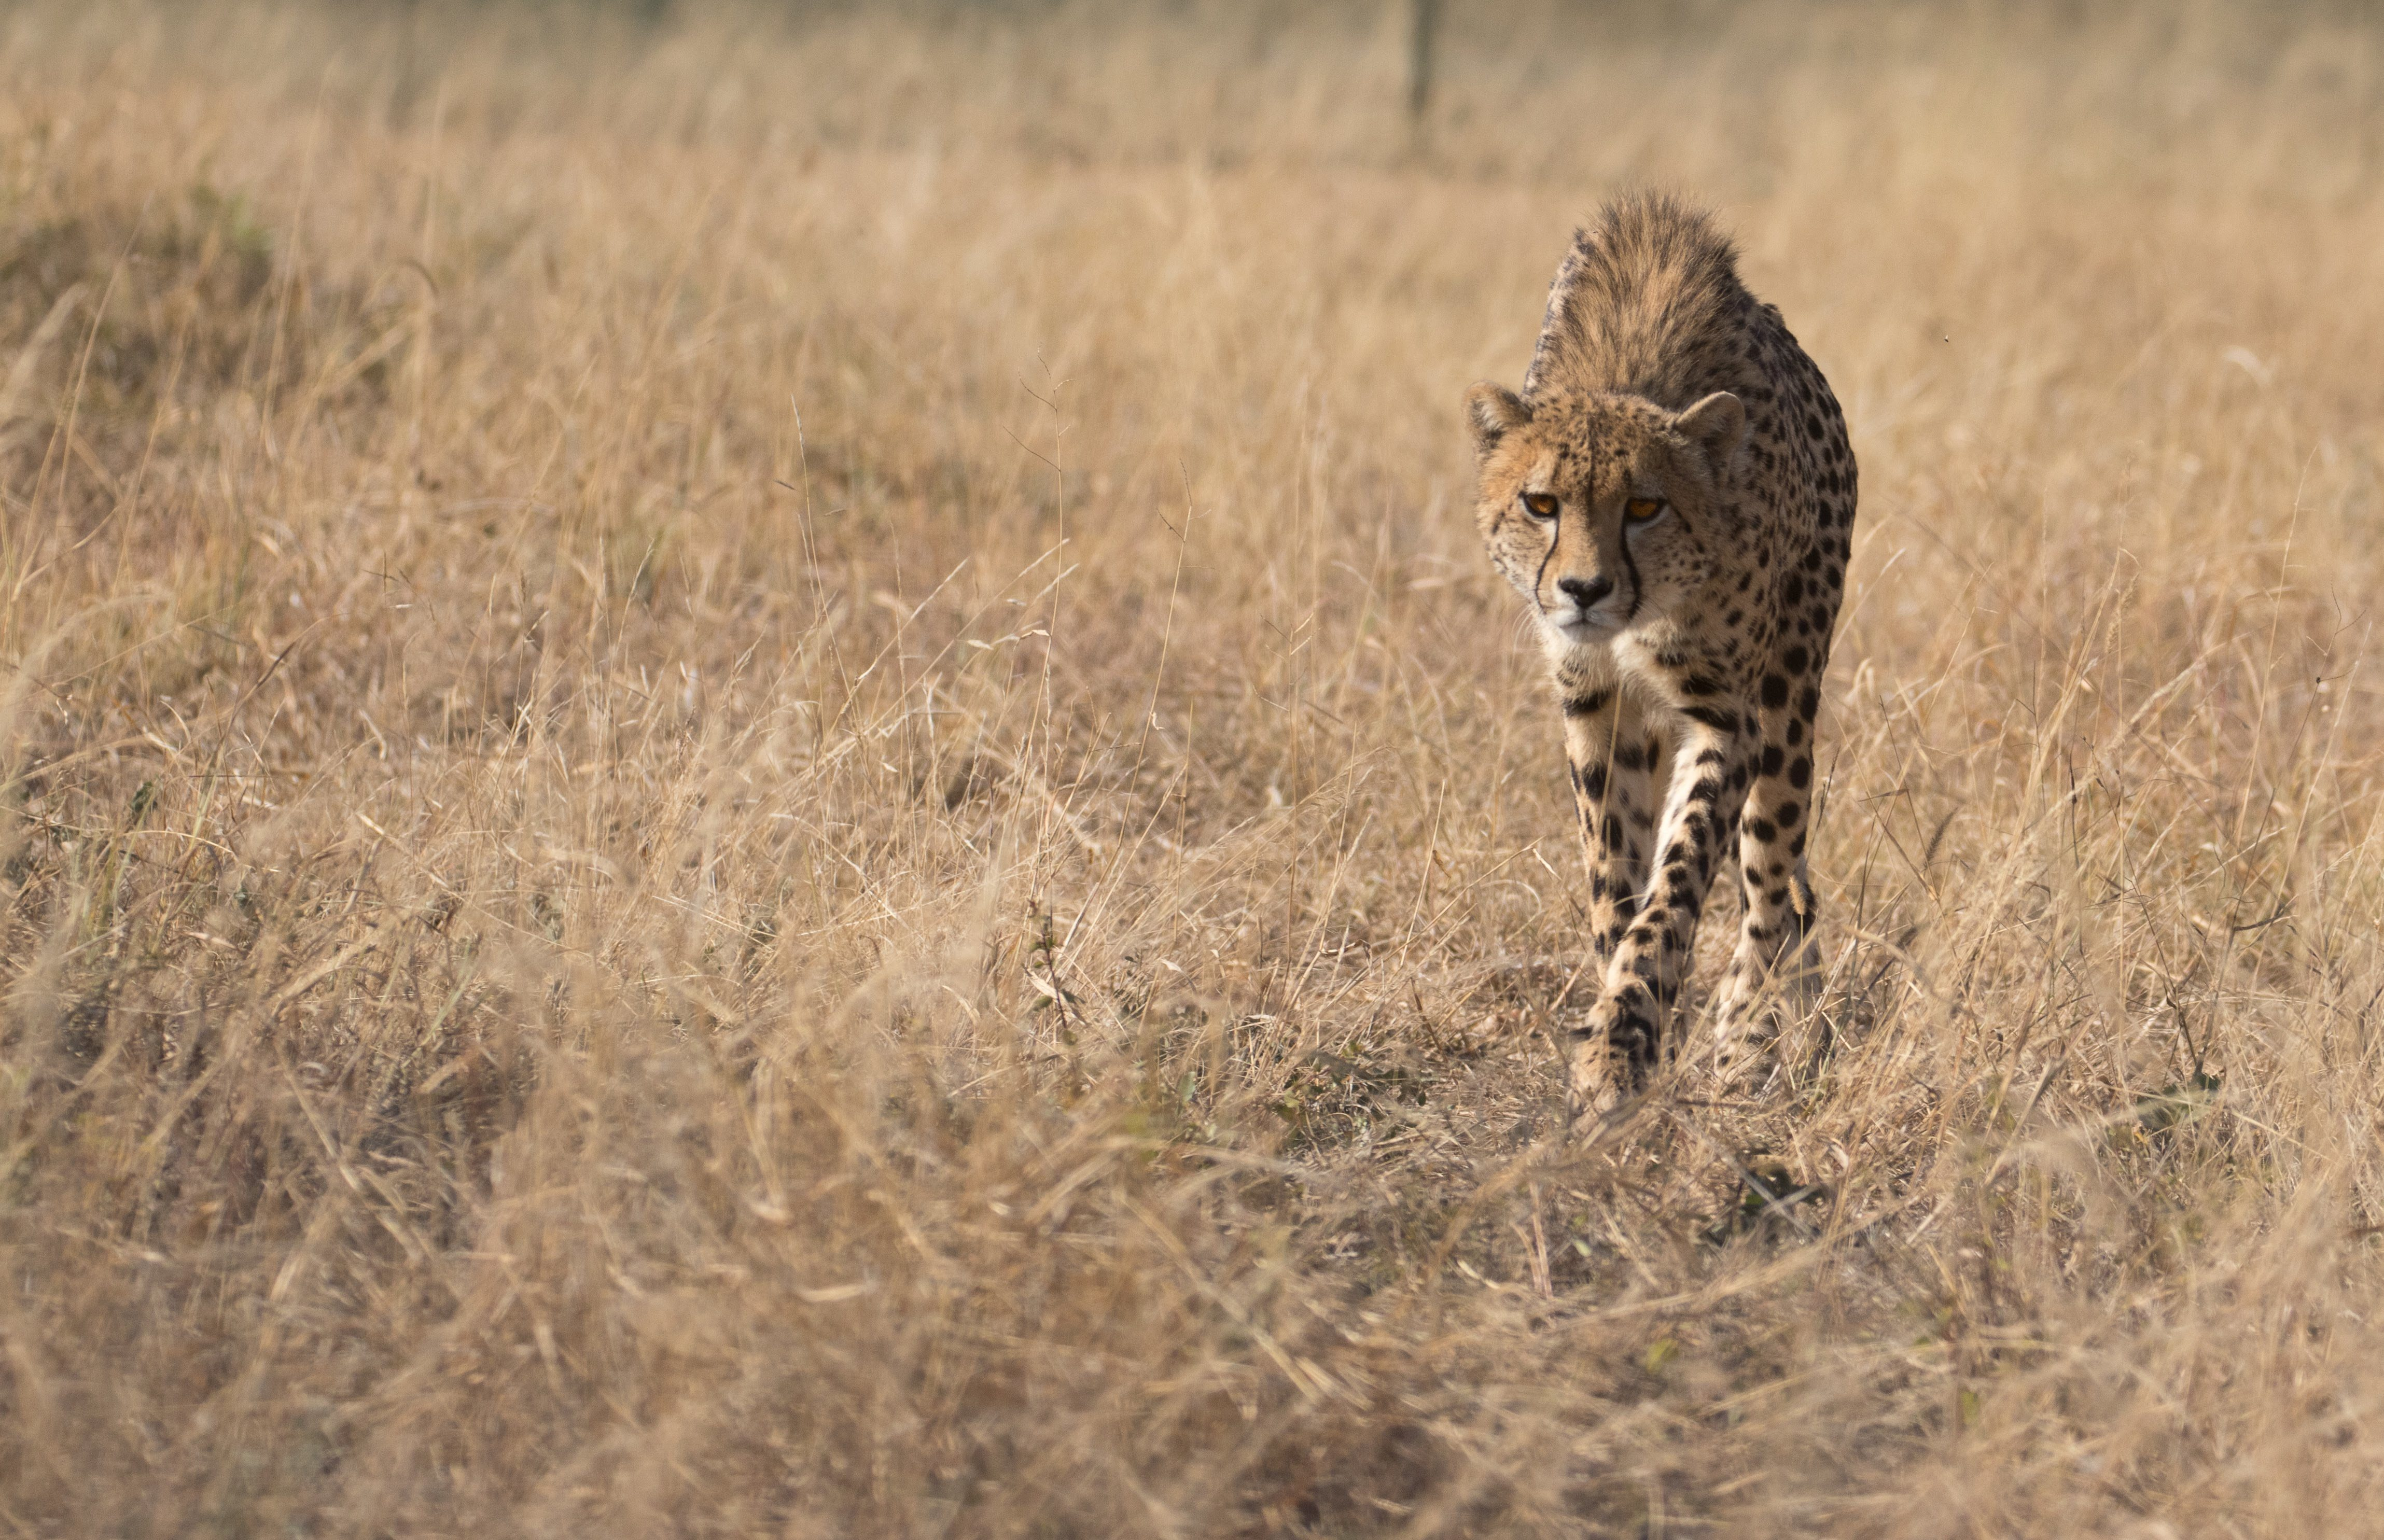 Patsy the Cheetah Tastes Freedom